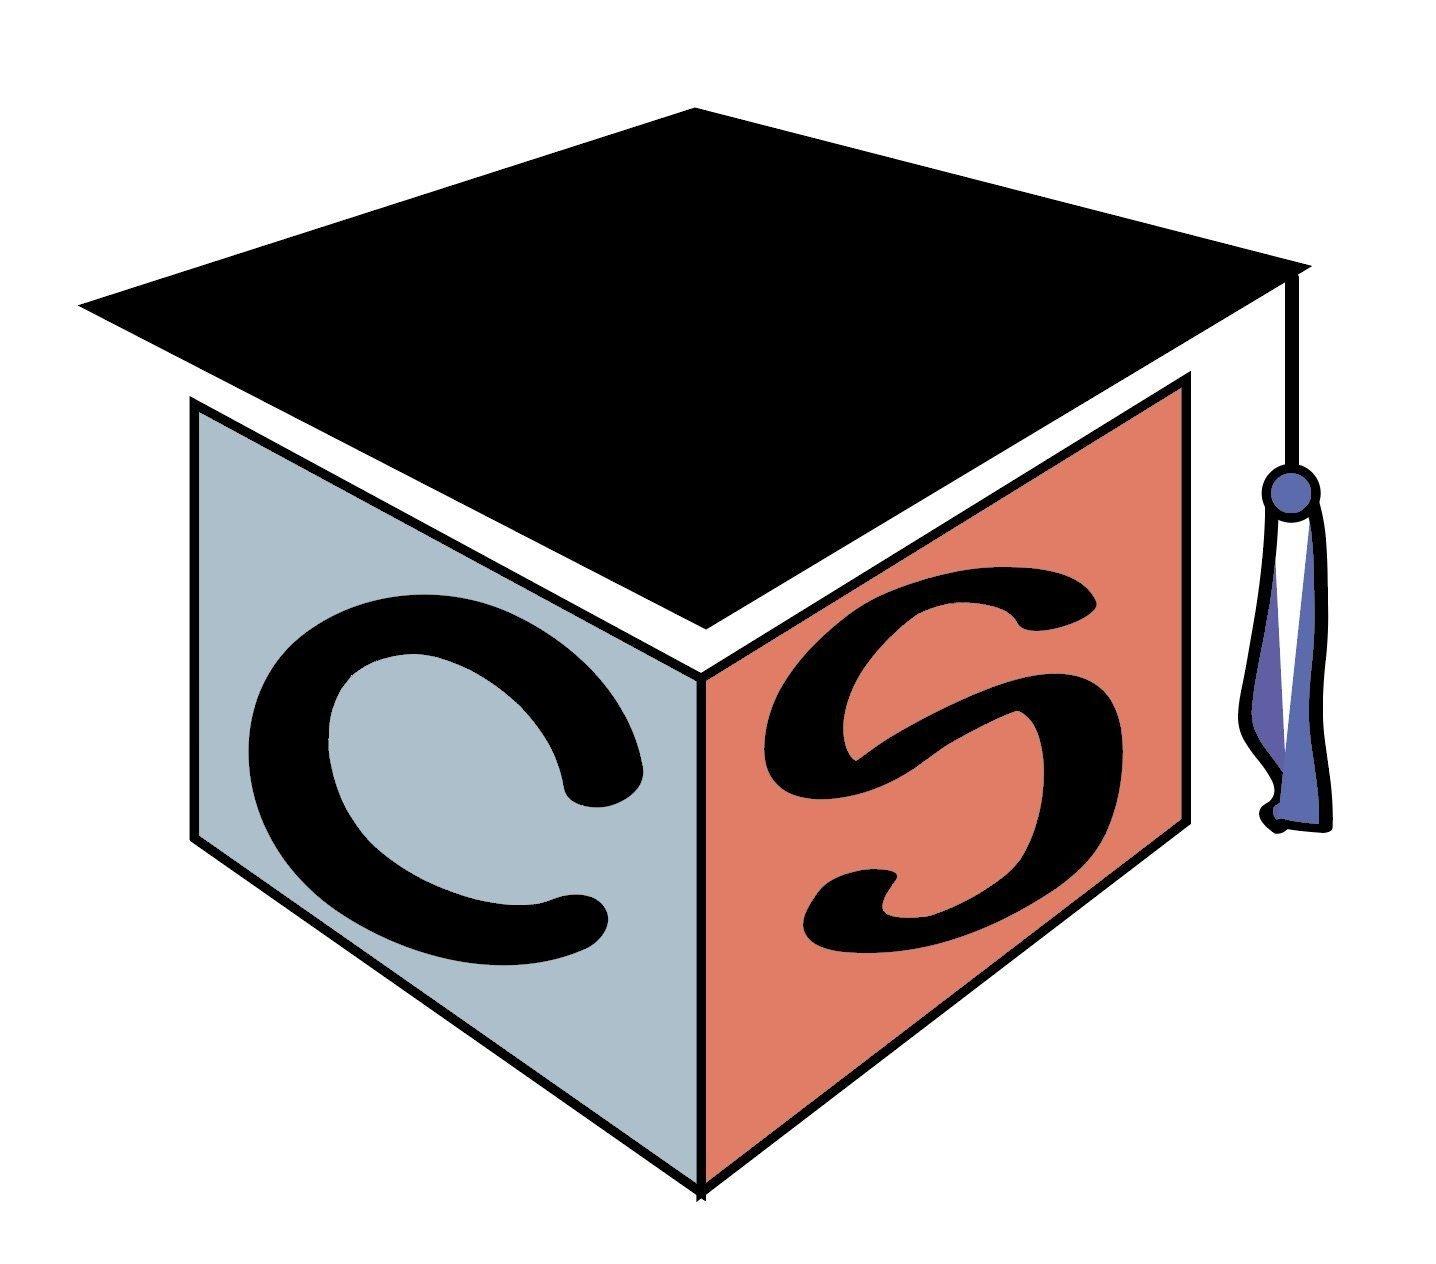 CollegeSpanish.com